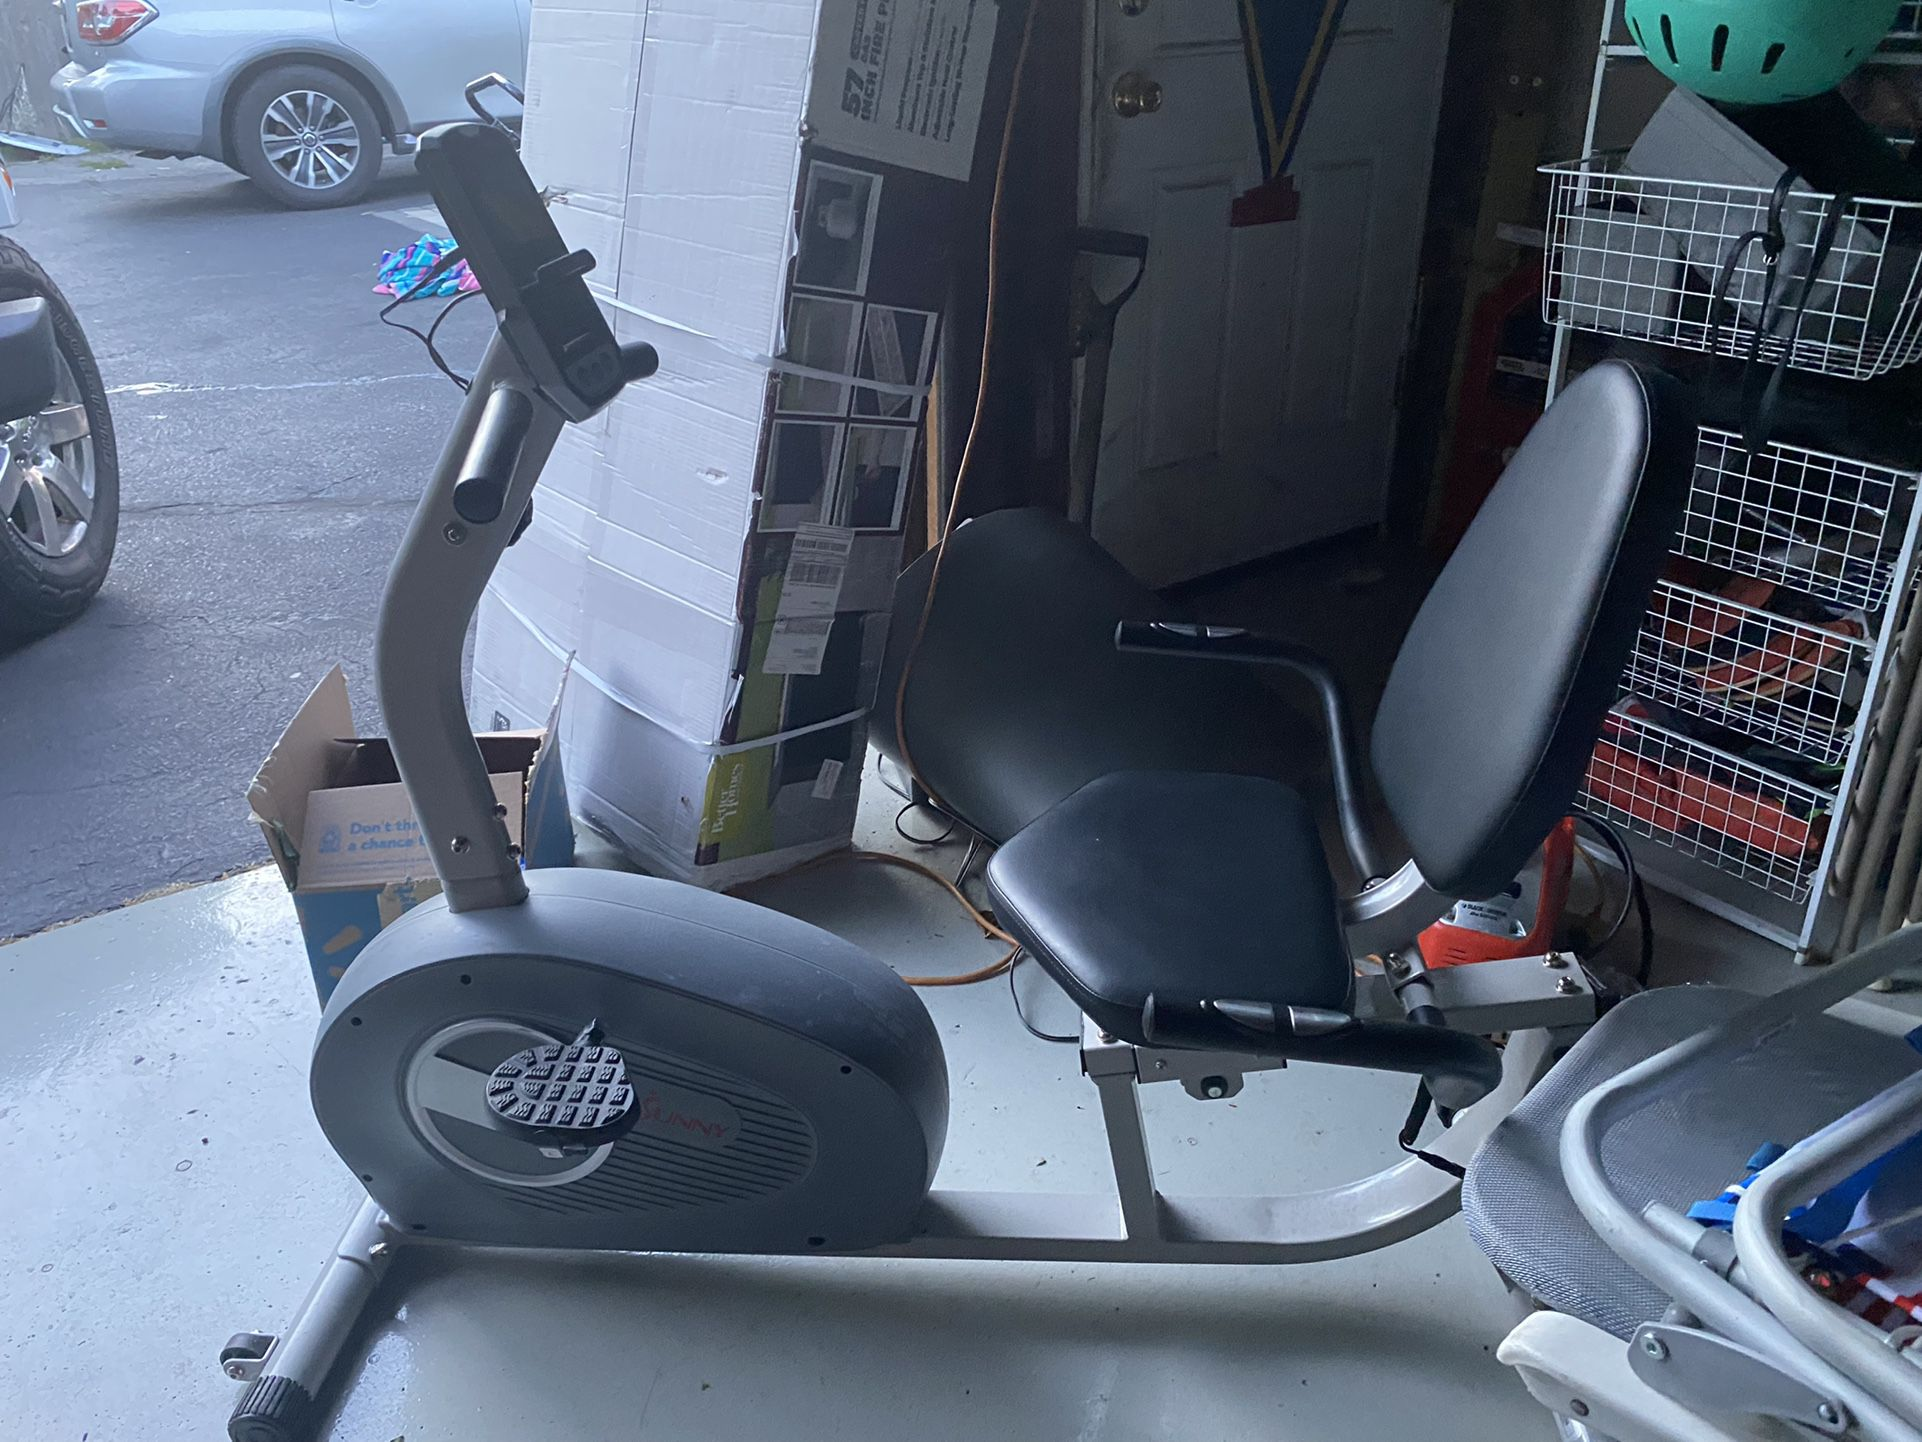 SUNNY exercise bike and elliptical